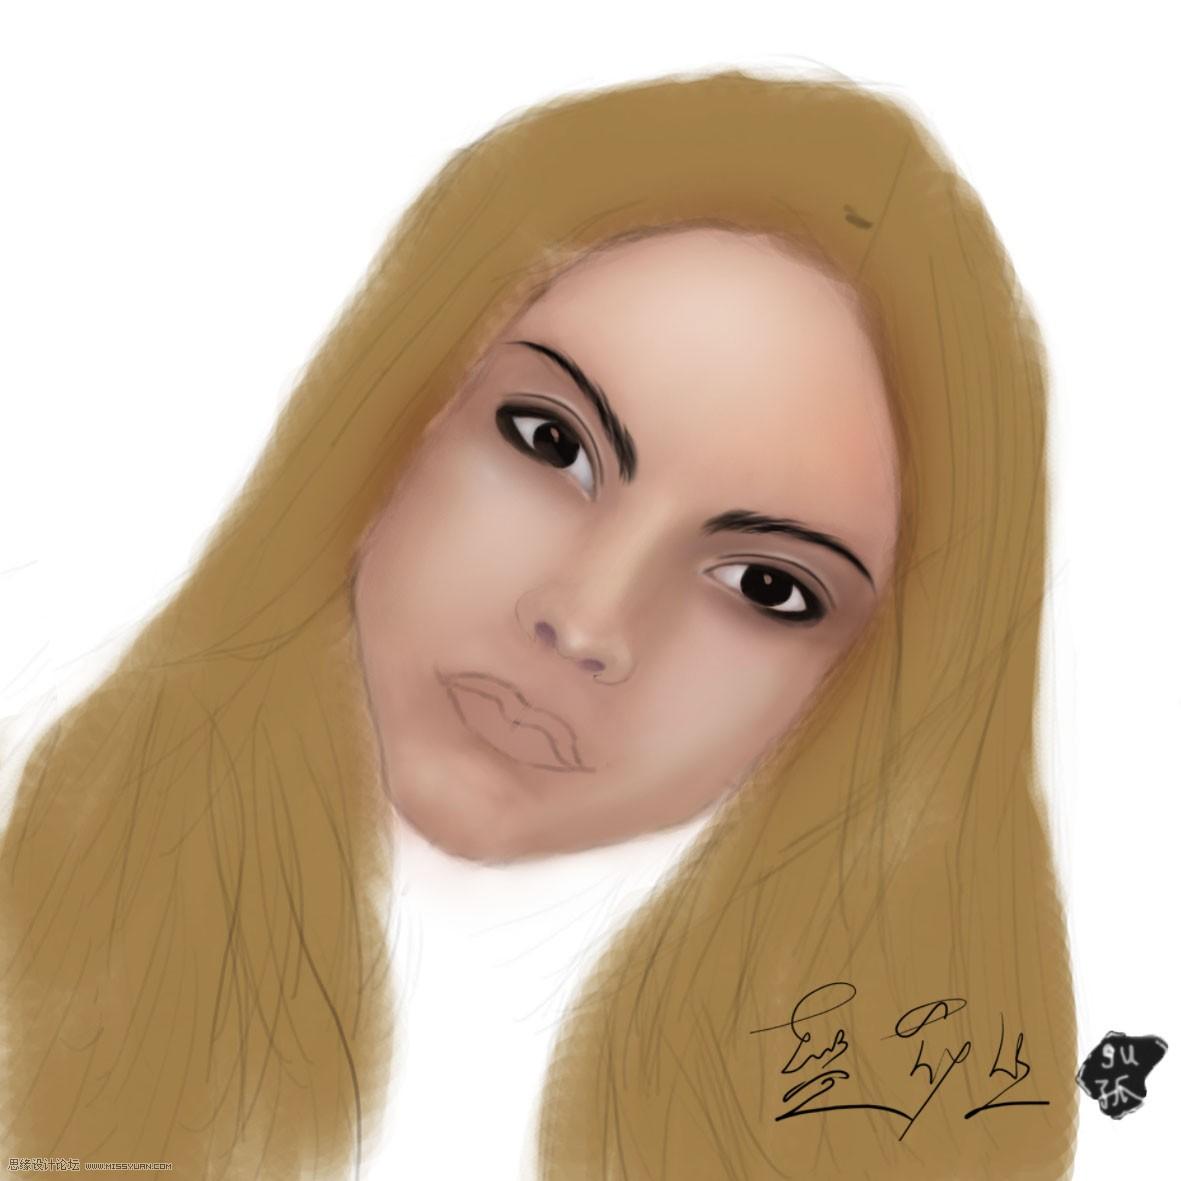 painter绘制一张可爱女孩头像